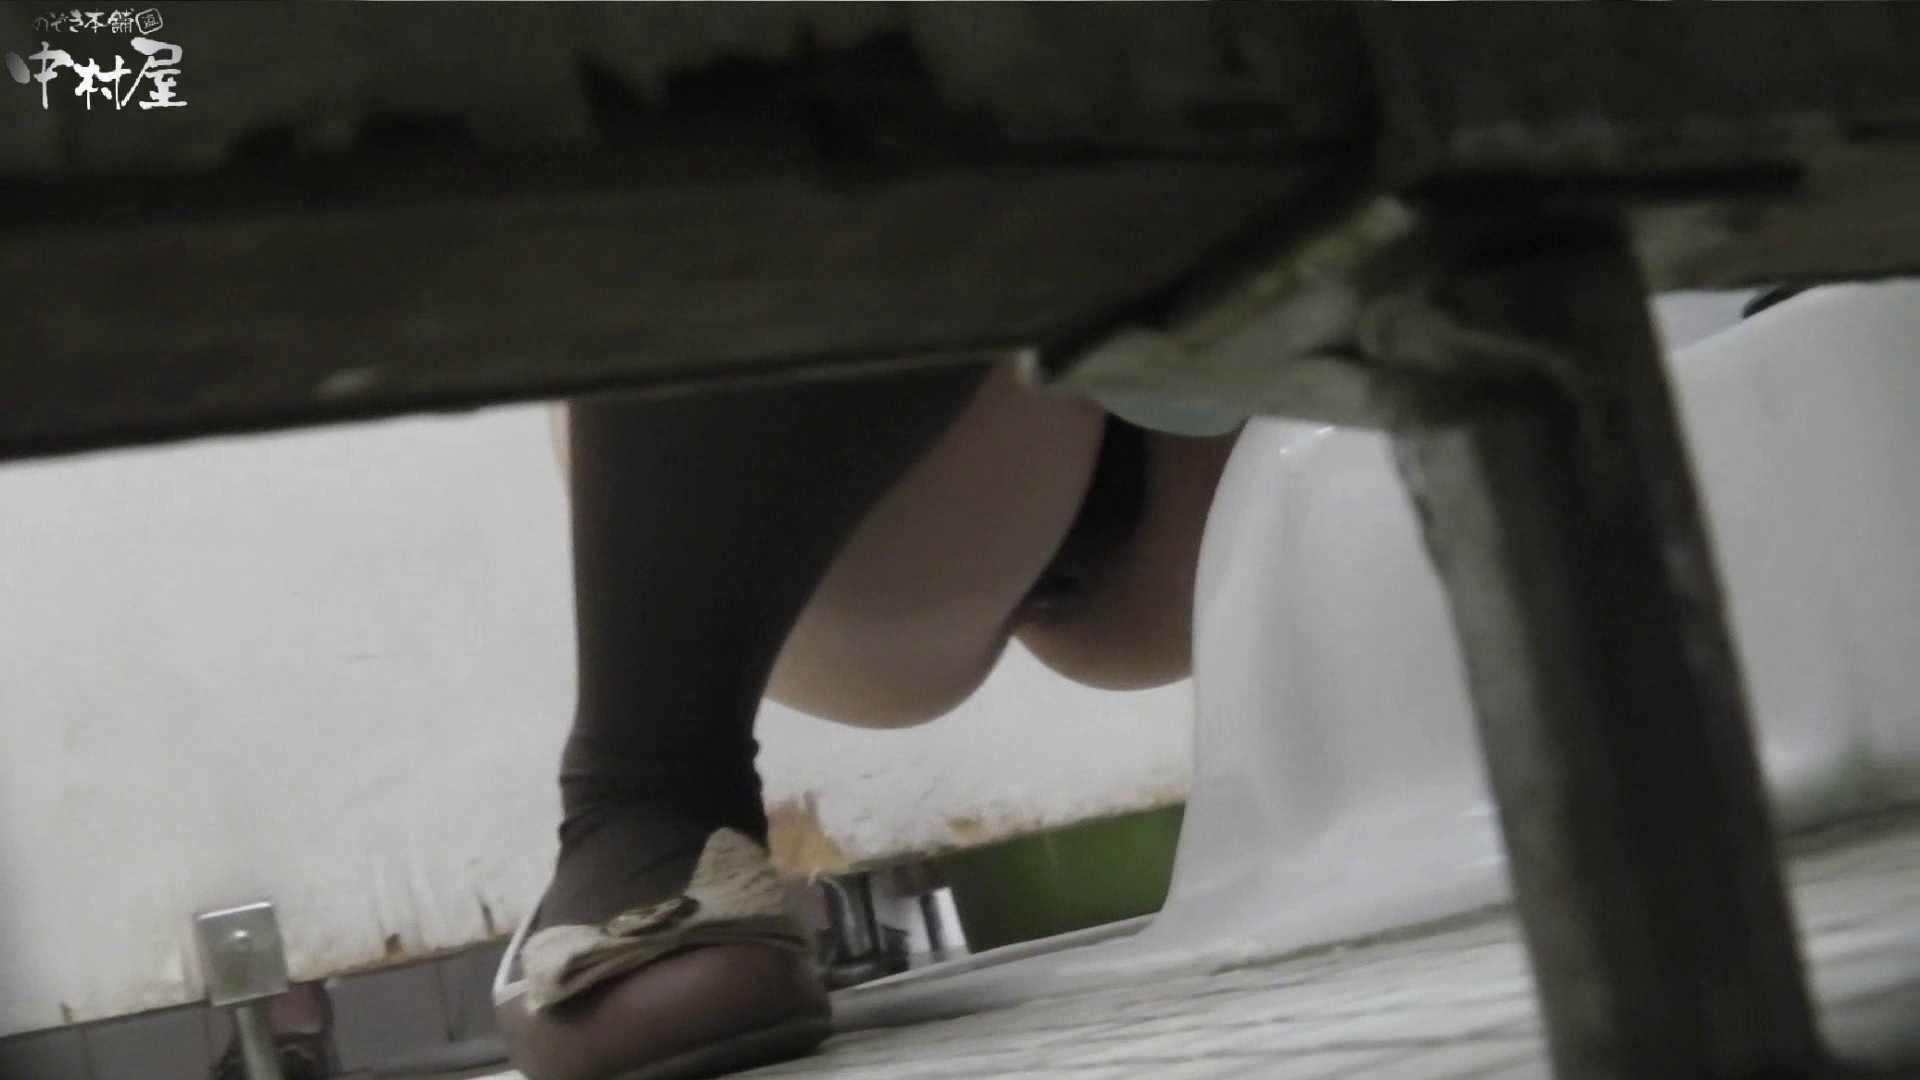 vol.09 命がけ潜伏洗面所! ハミ具さま 潜入突撃 アダルト動画キャプチャ 104pic 59